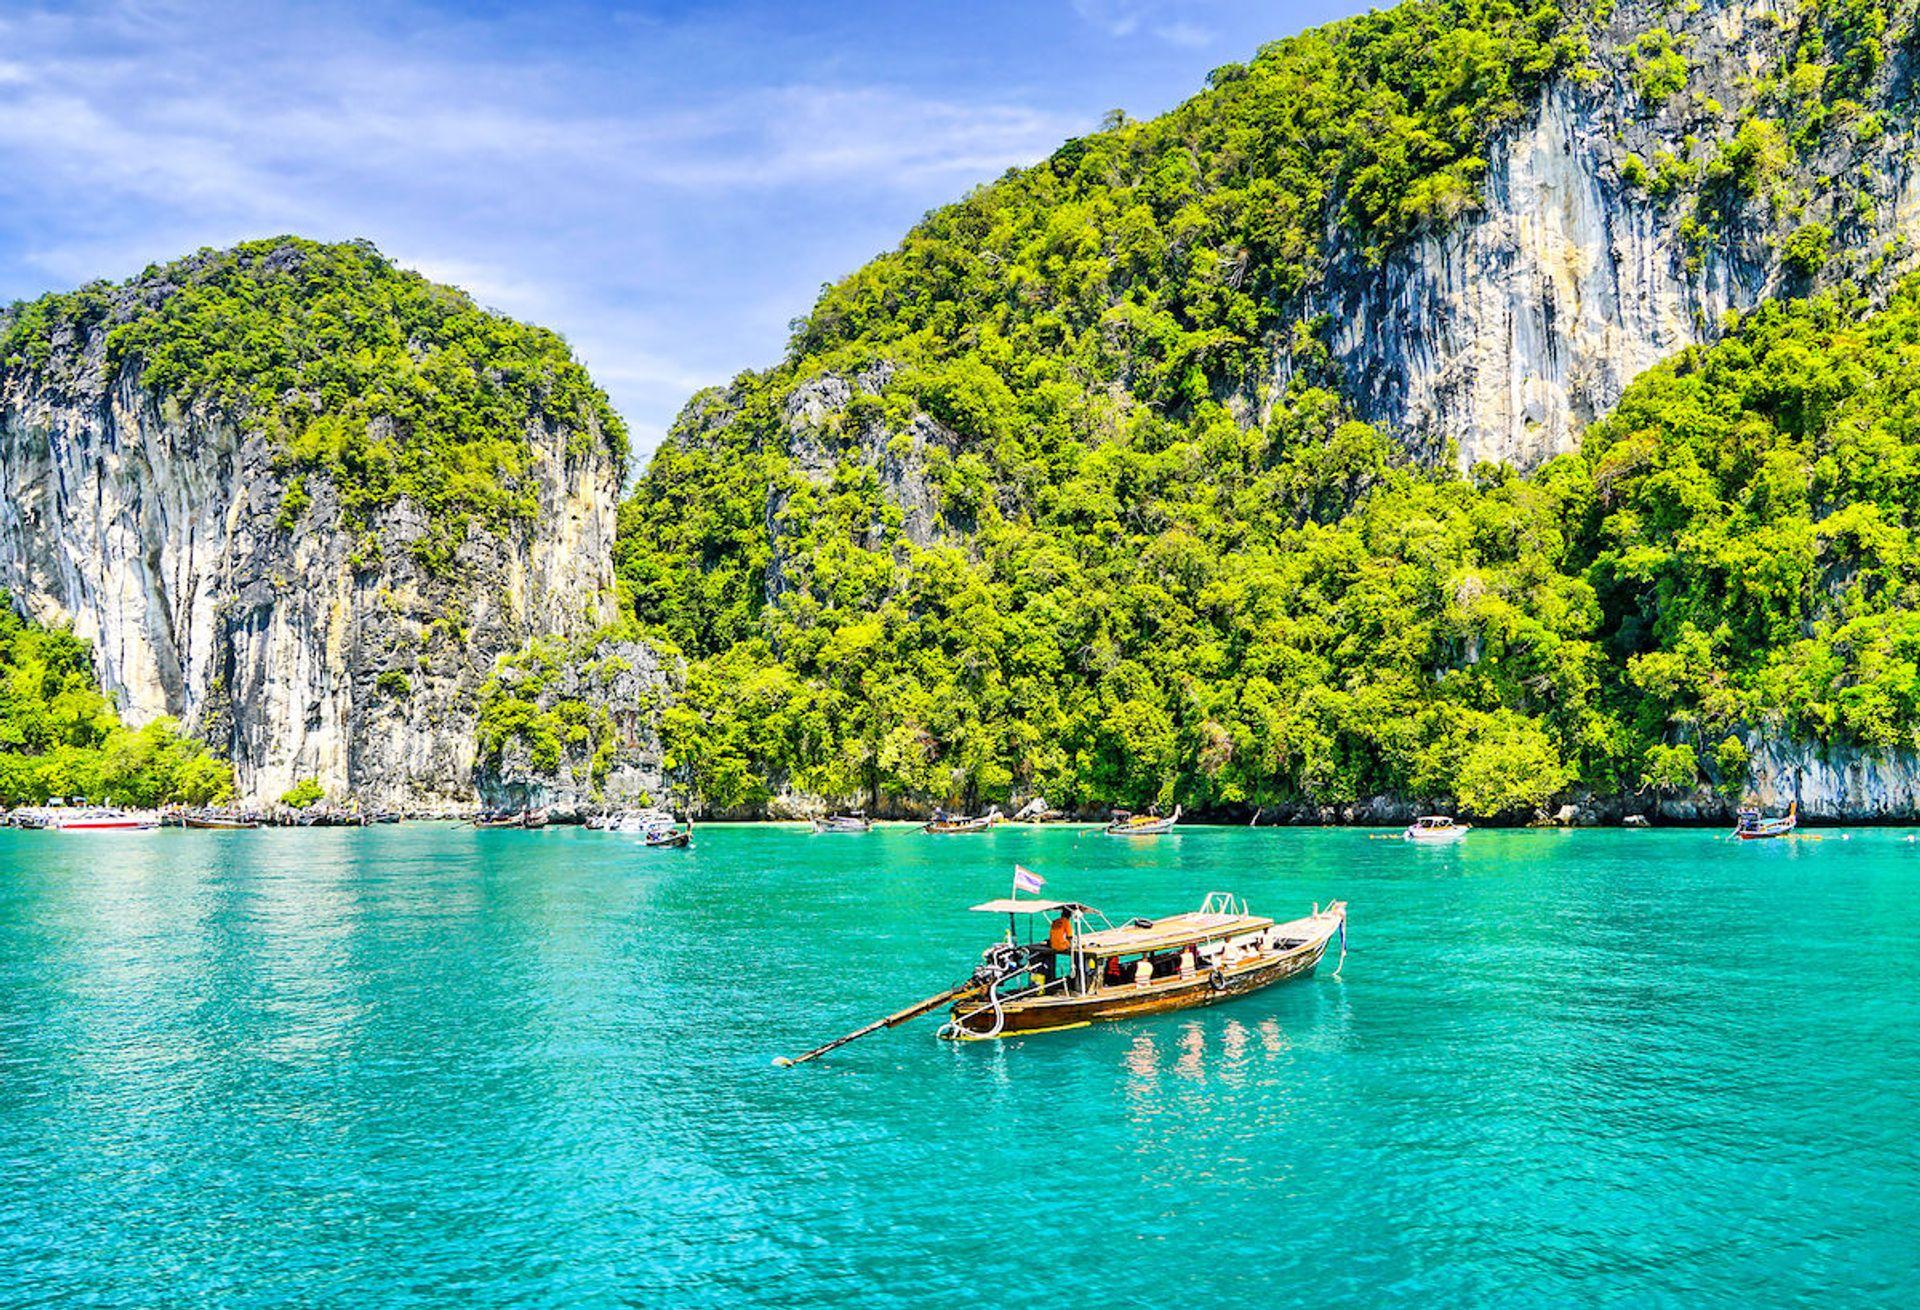 Du lịch Thái Lan vào thời gian nào